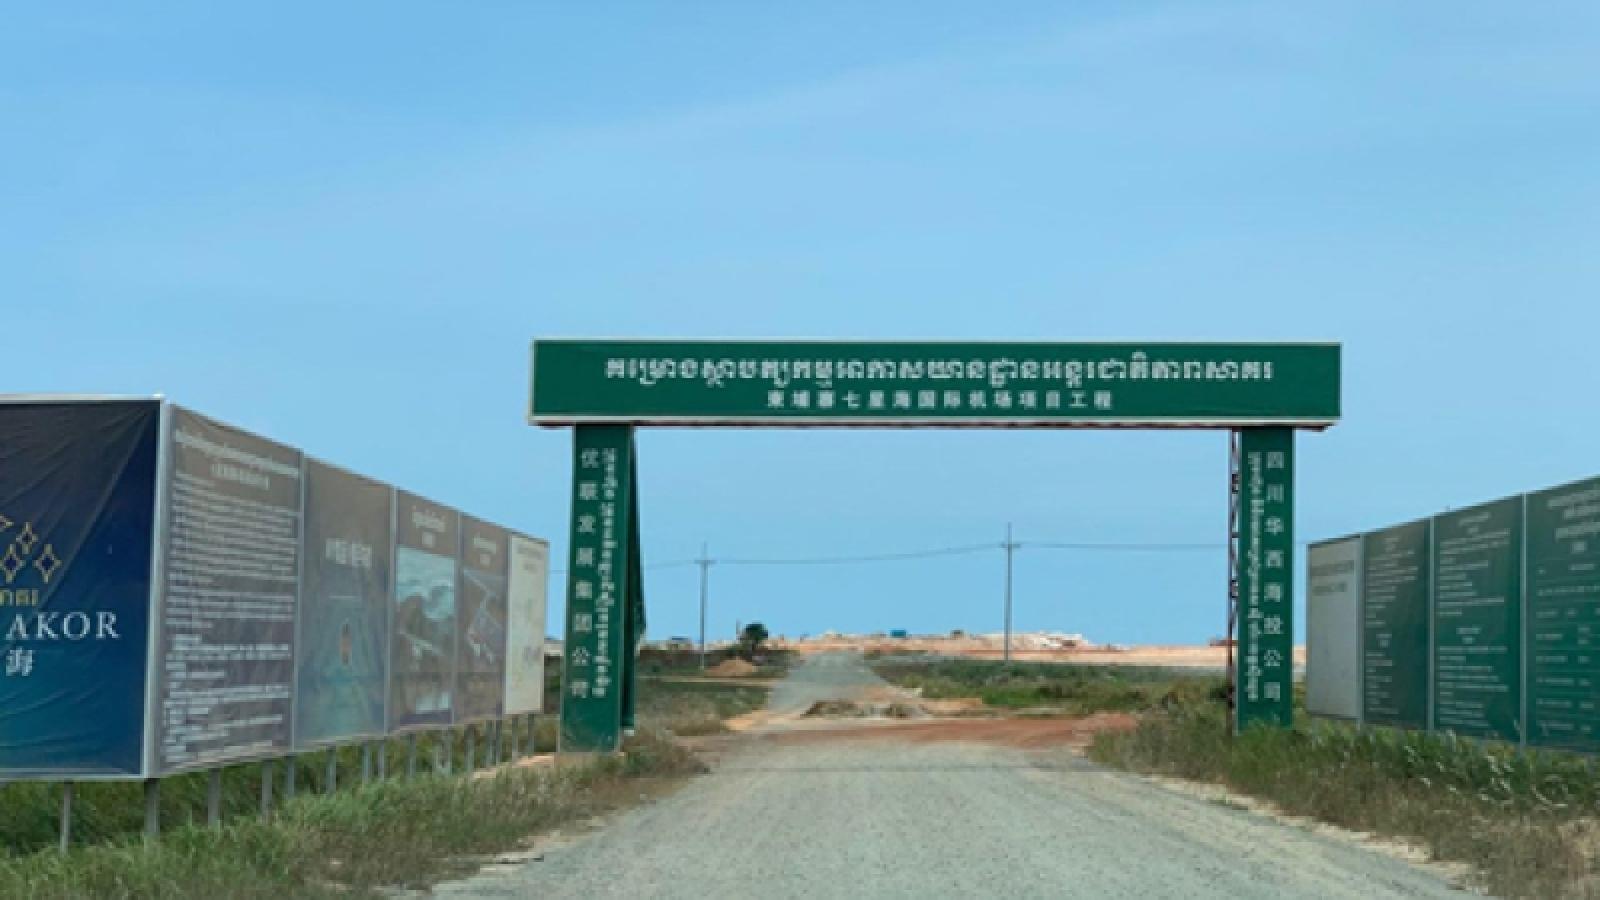 Thêm một dự án phục vụ Vành đai và Con đường của Trung Quốc được mở bán ở Campuchia